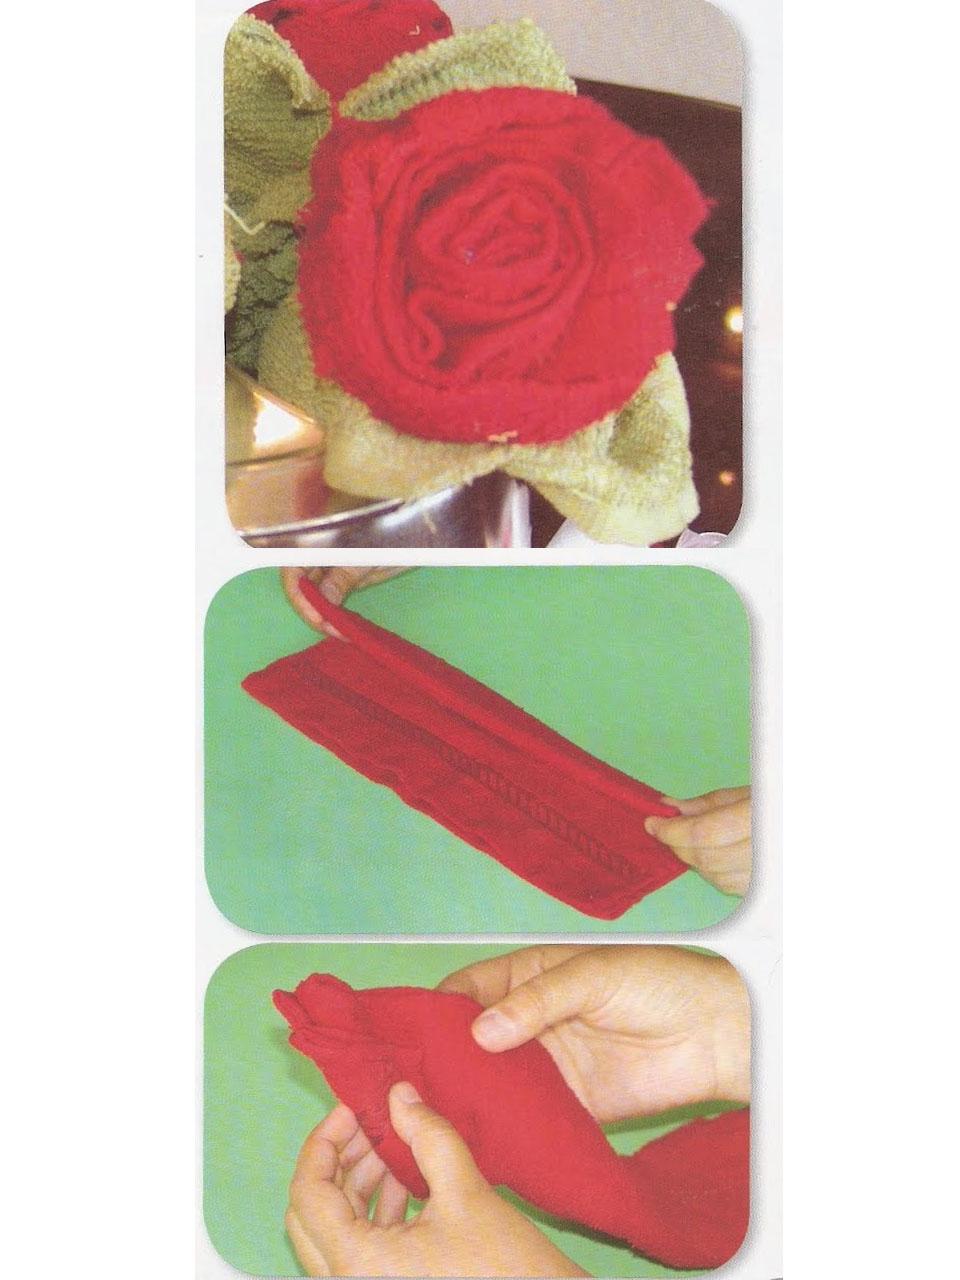 C mo hacer figuras con toallas paso a paso - Como secar una rosa ...